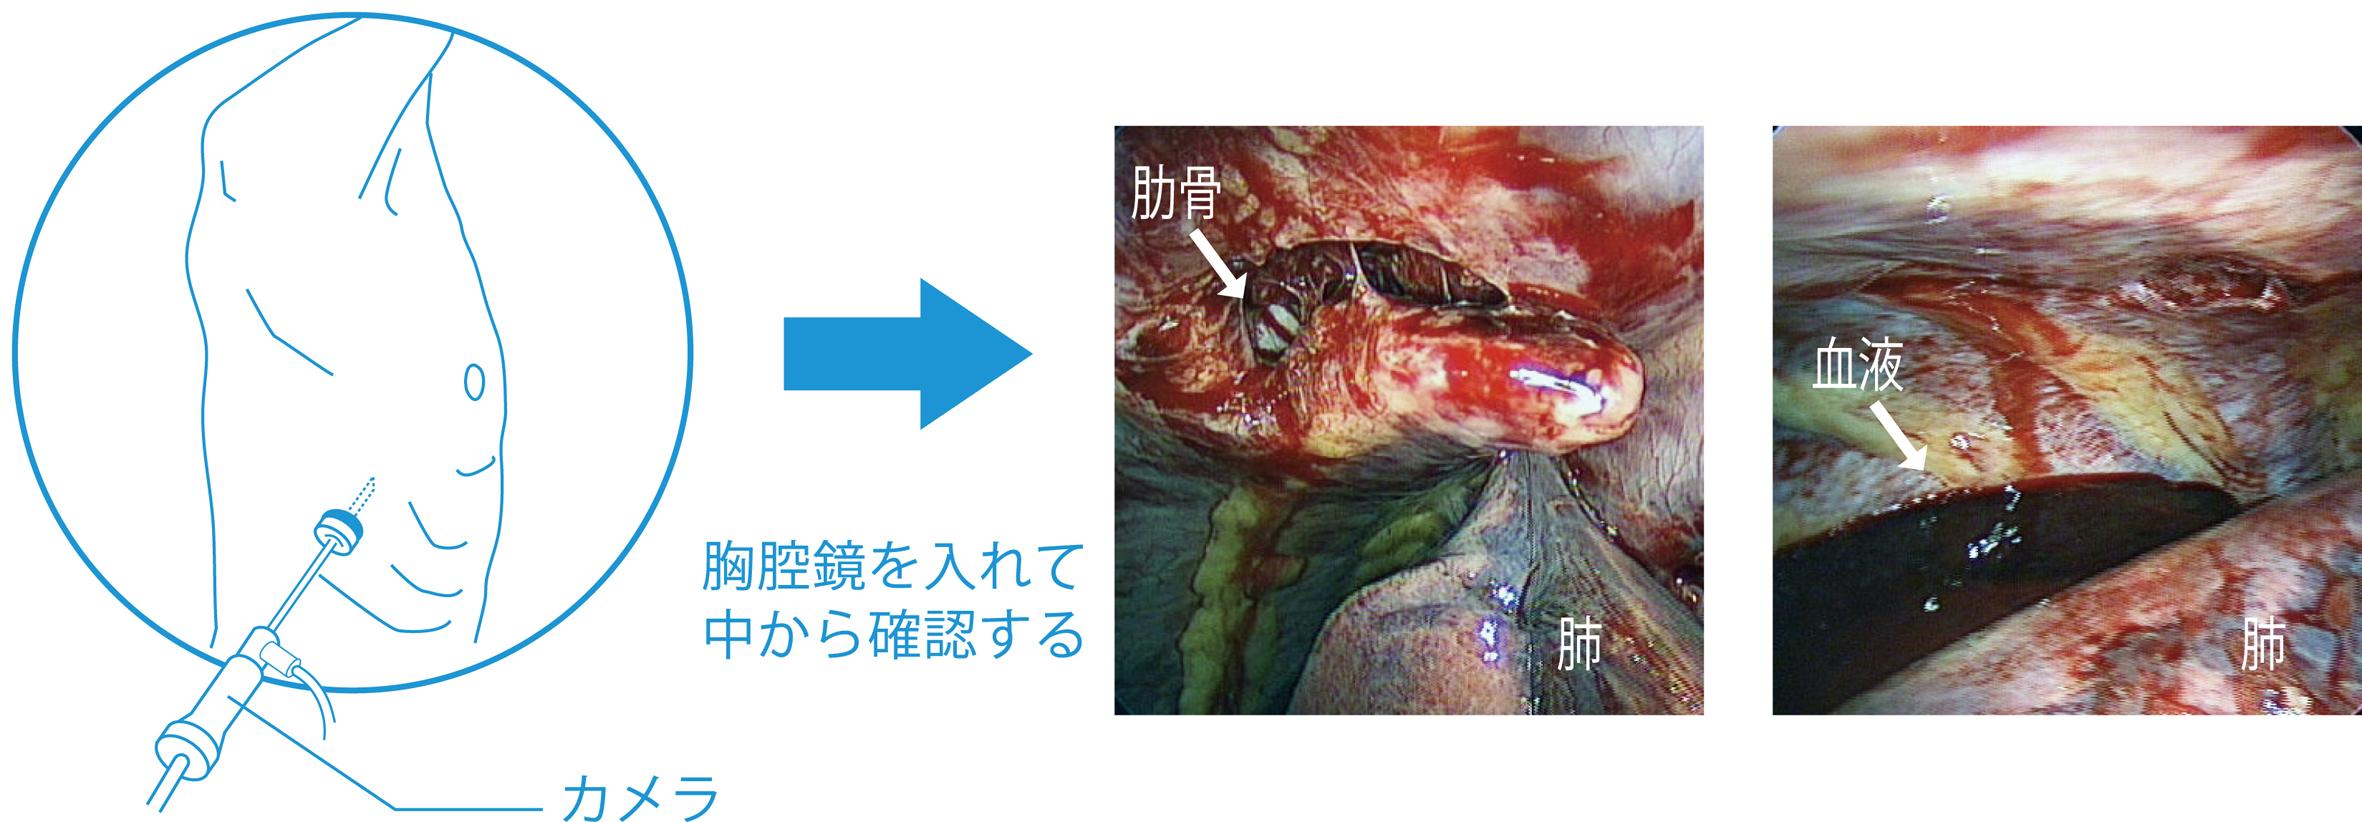 交通外傷により肋骨が肺に刺さり血気胸となっている